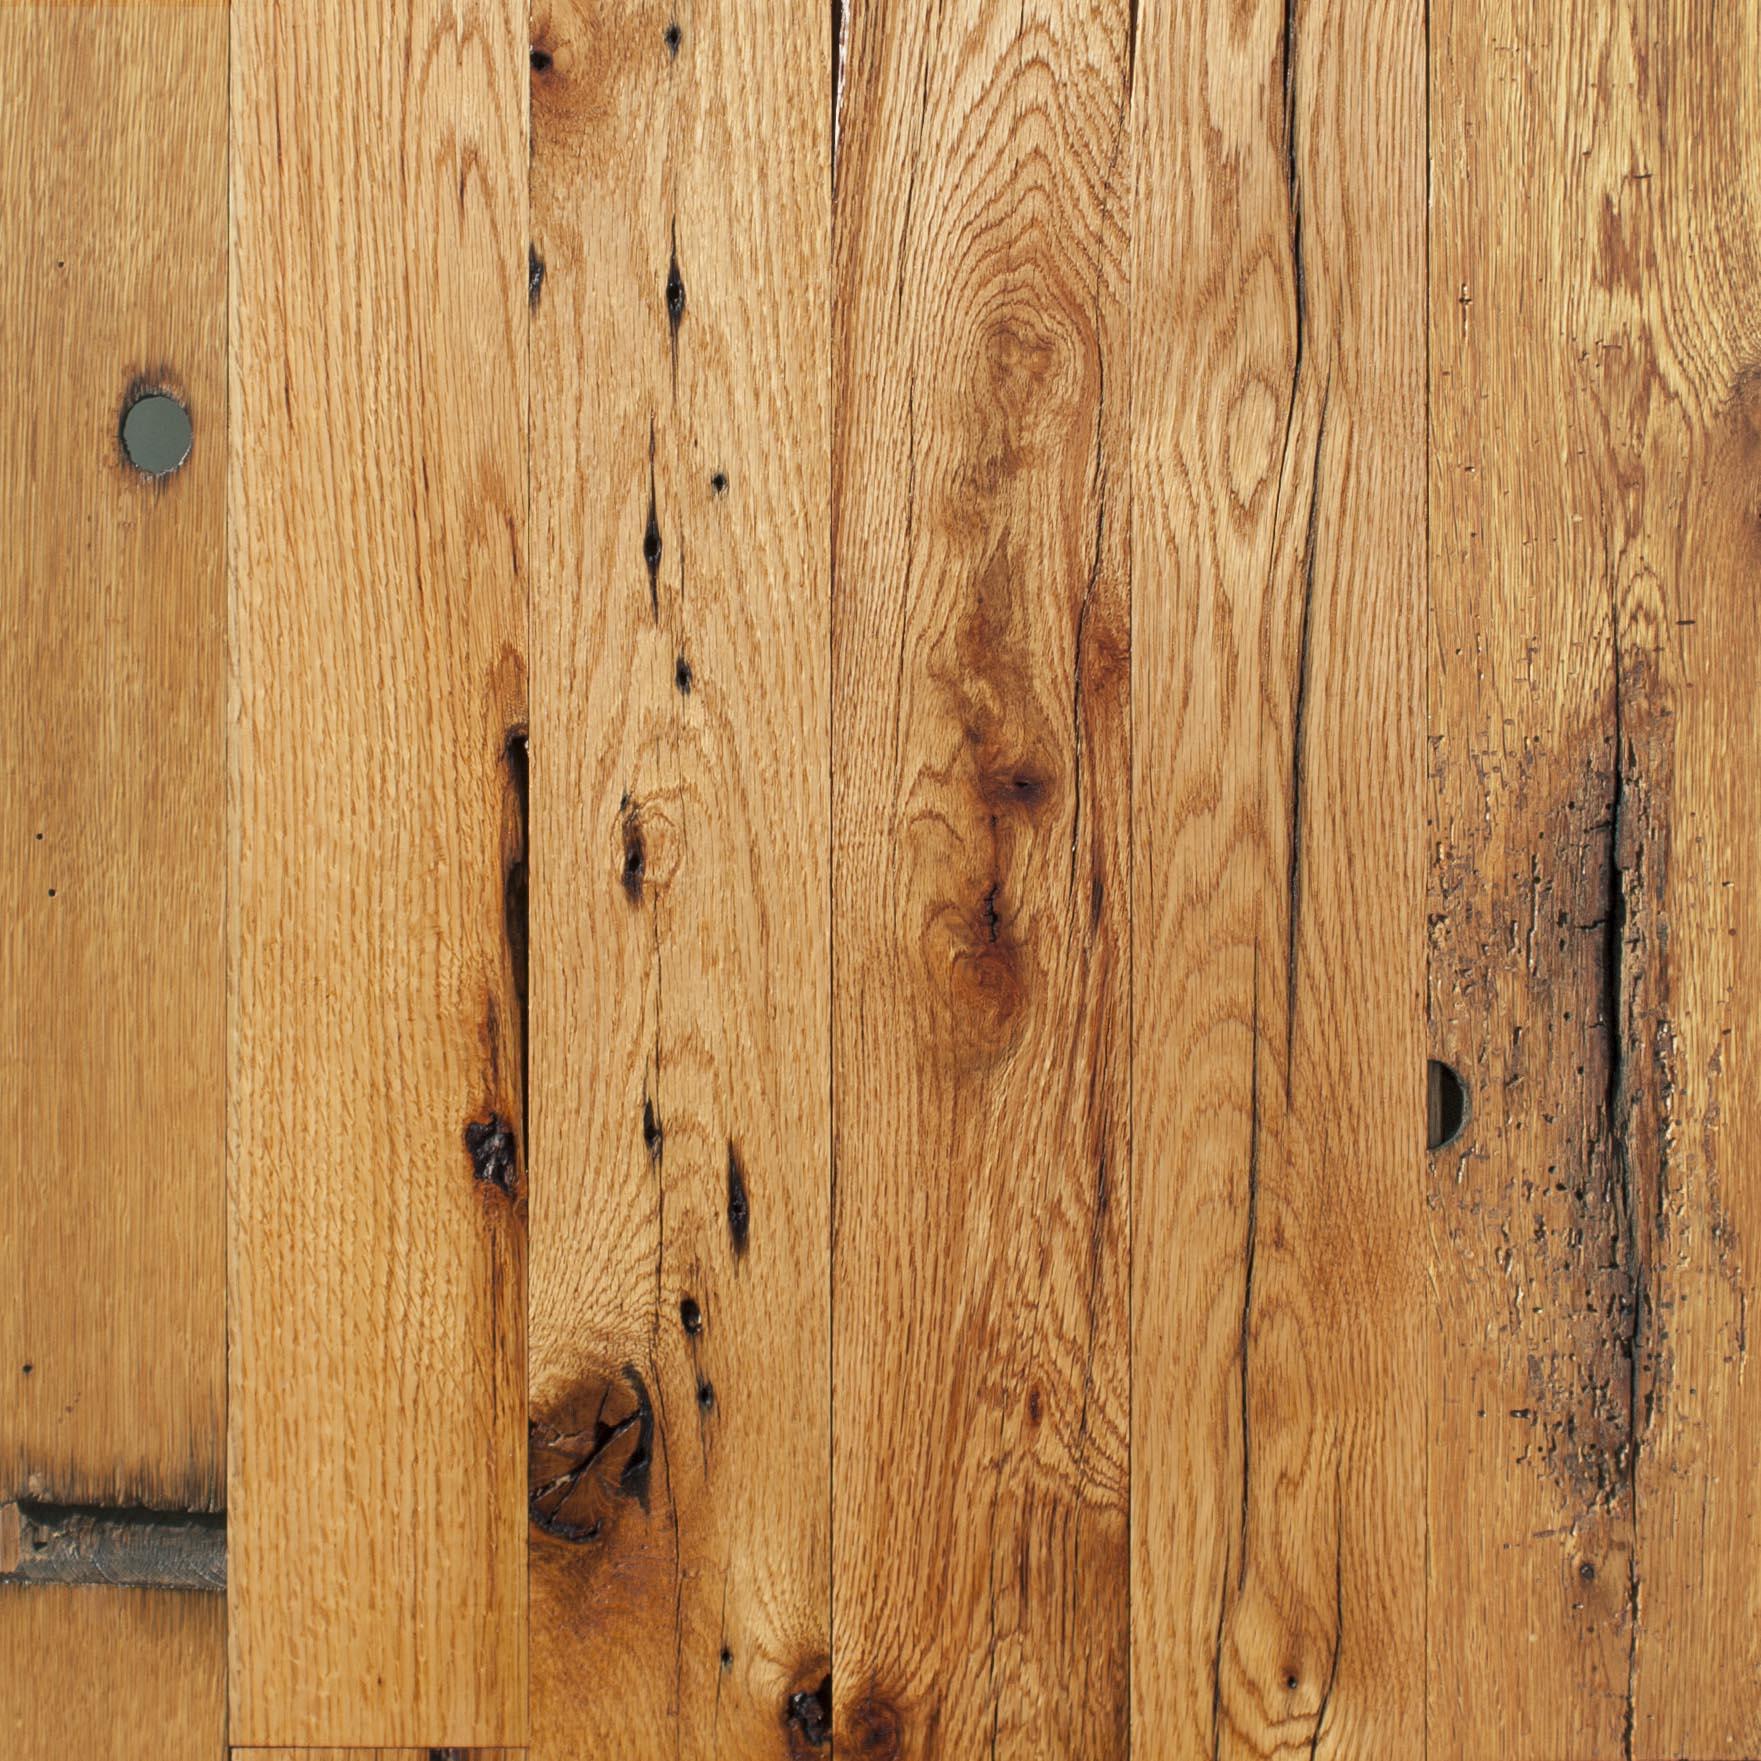 Post & Beam Rustic Oak Paneling